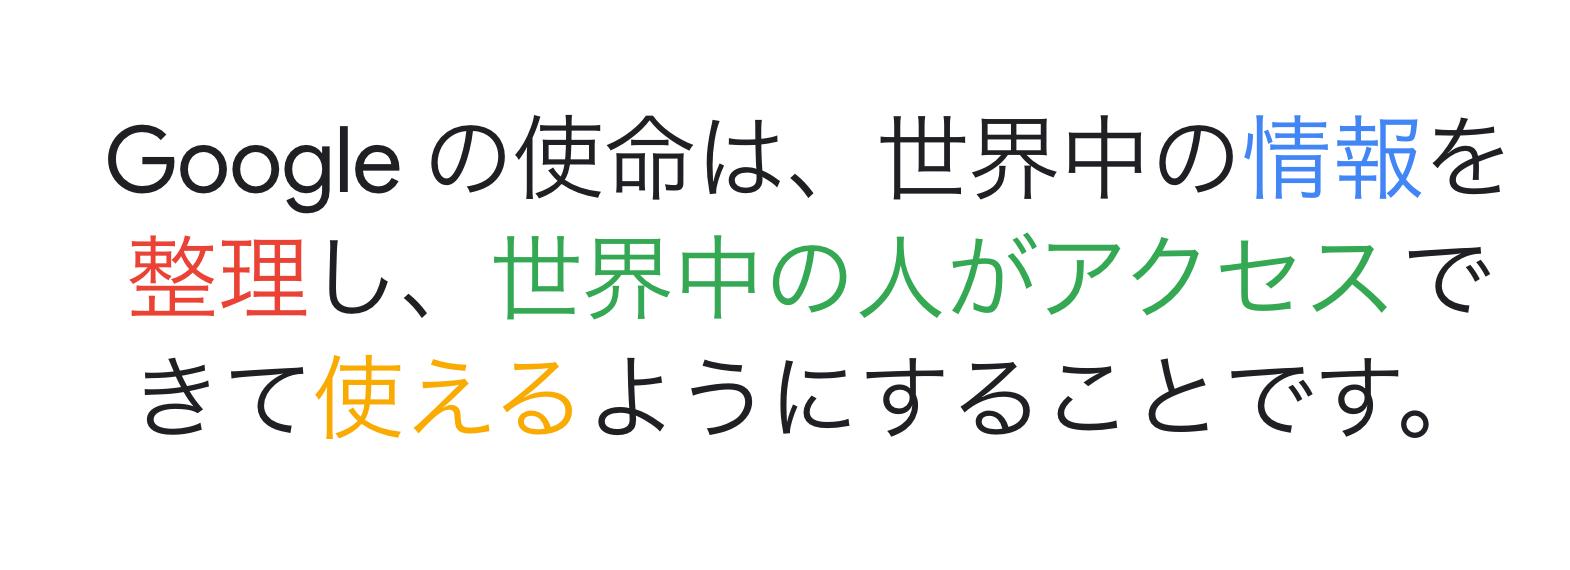 スクリーンショット 2019-05-31 23.47.37.png